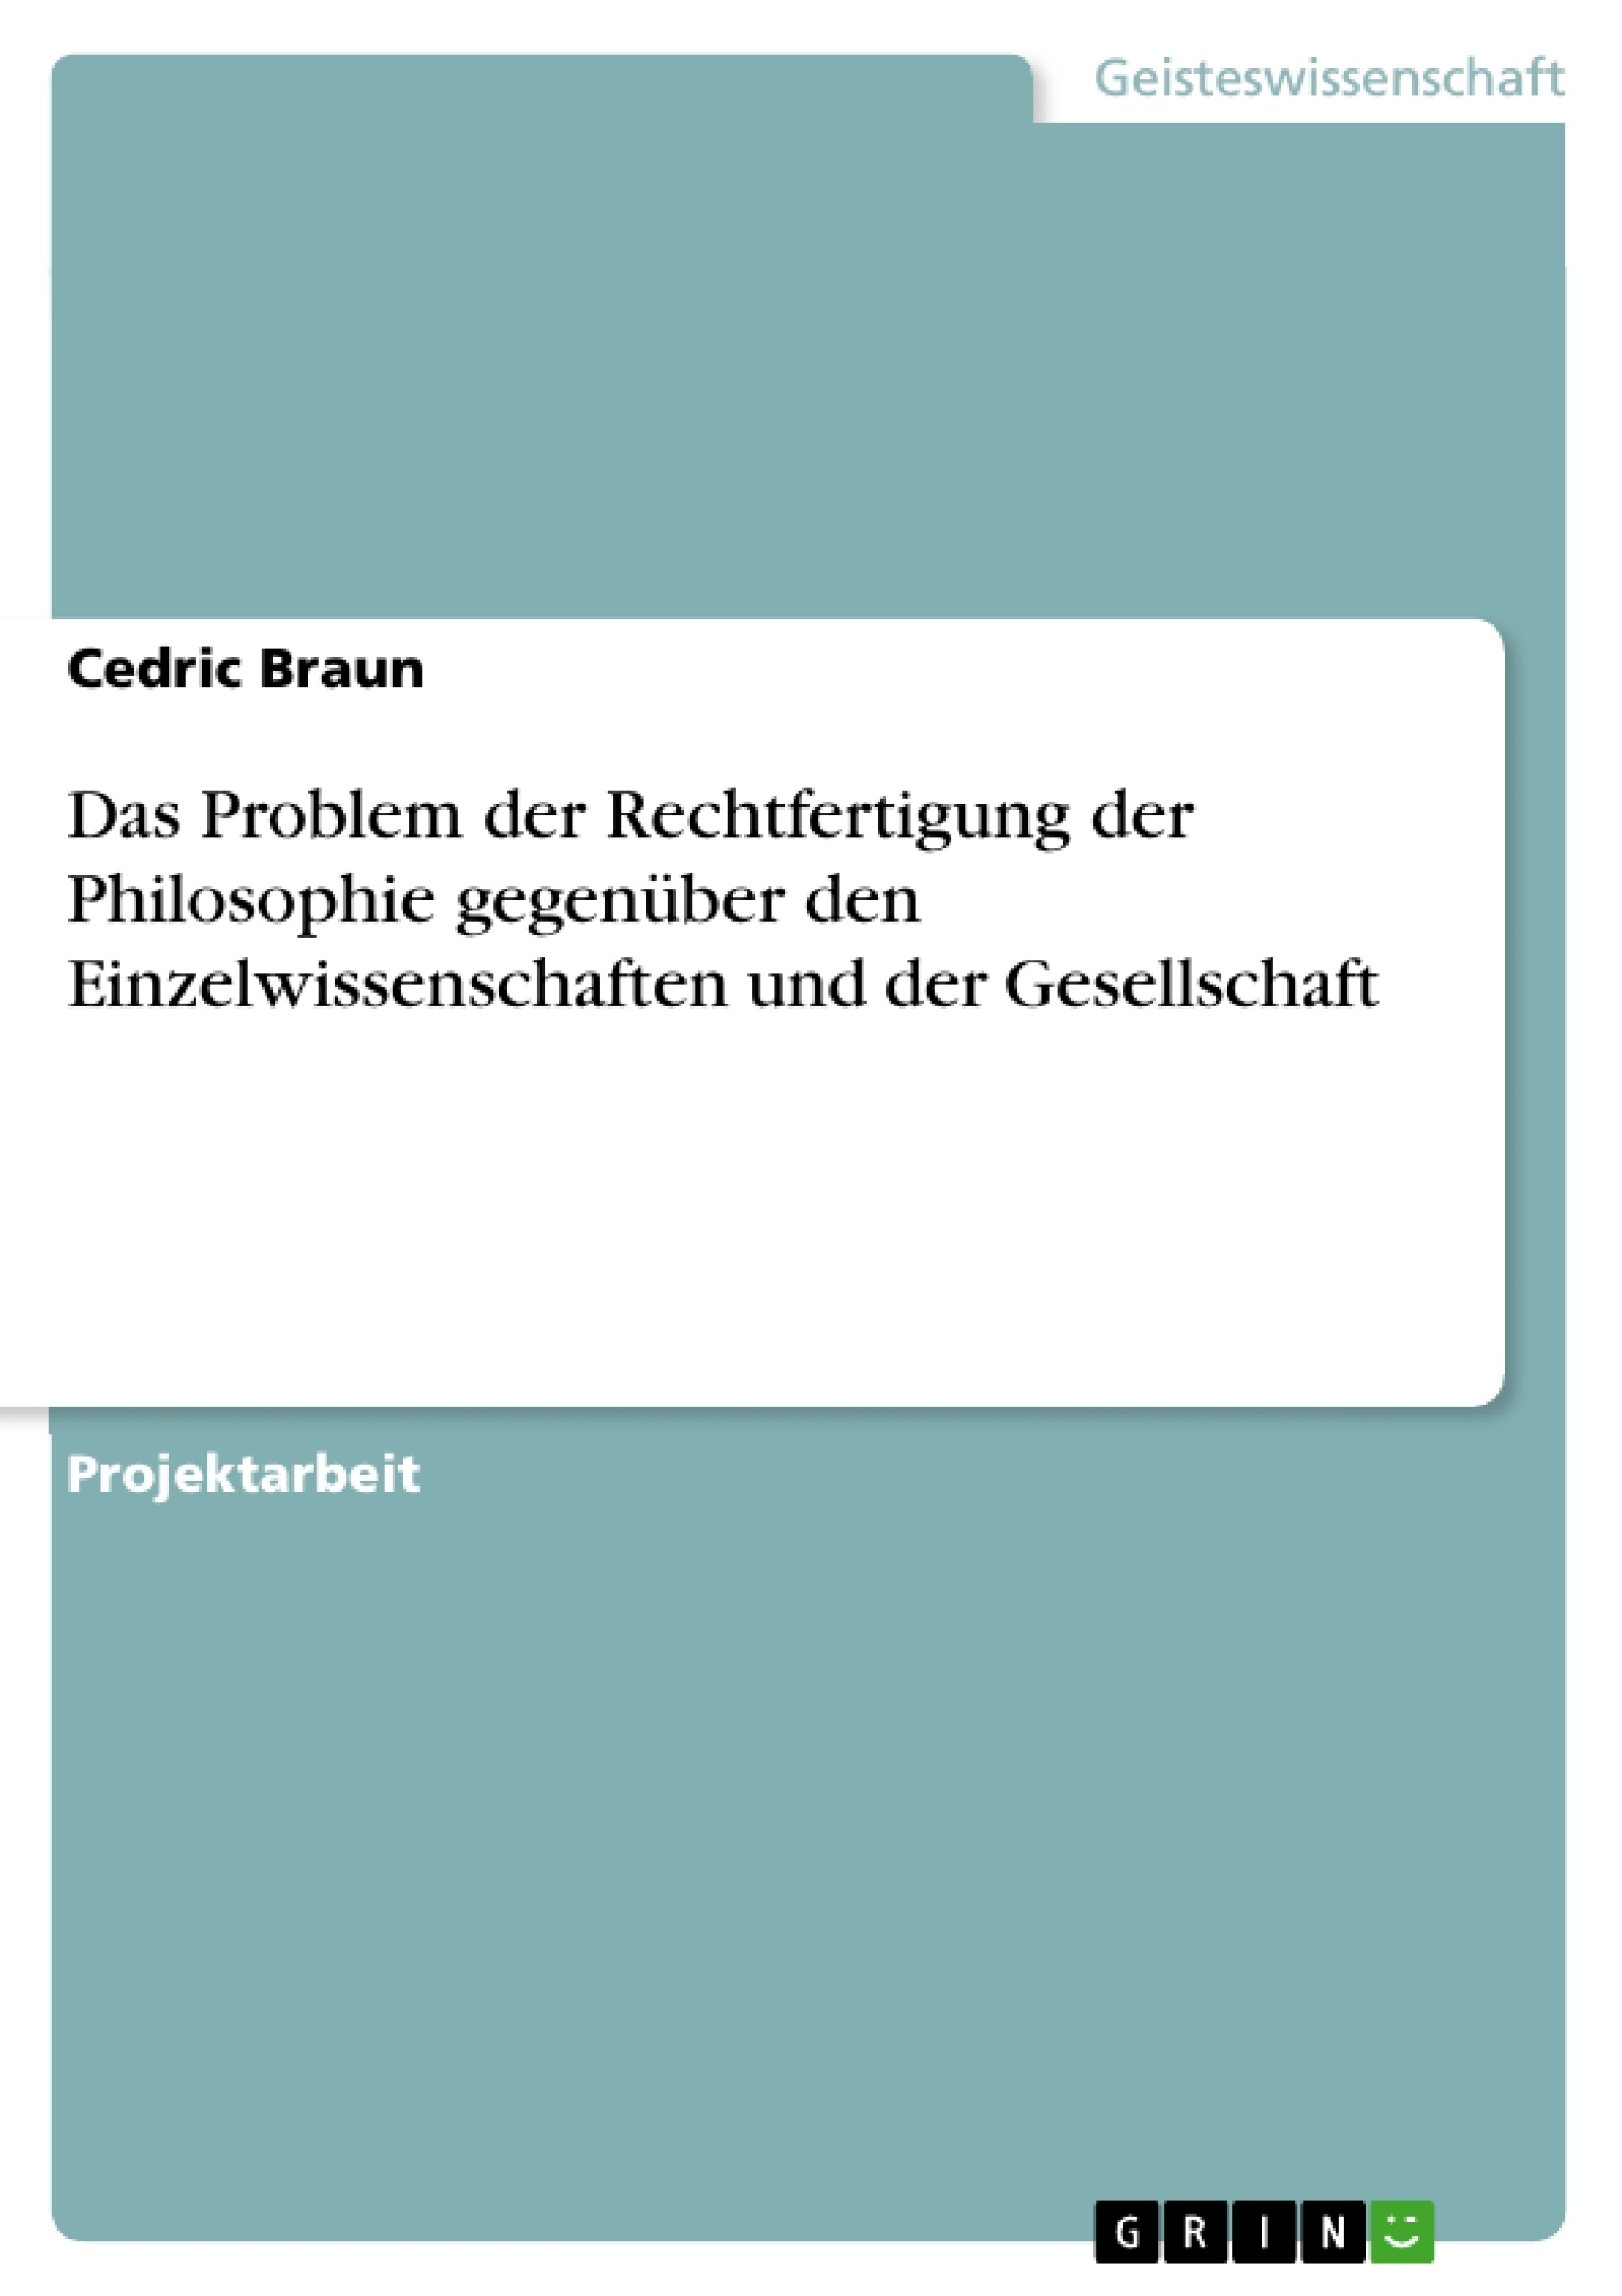 Titel: Das Problem der Rechtfertigung der Philosophie gegenüber den Einzelwissenschaften und der Gesellschaft